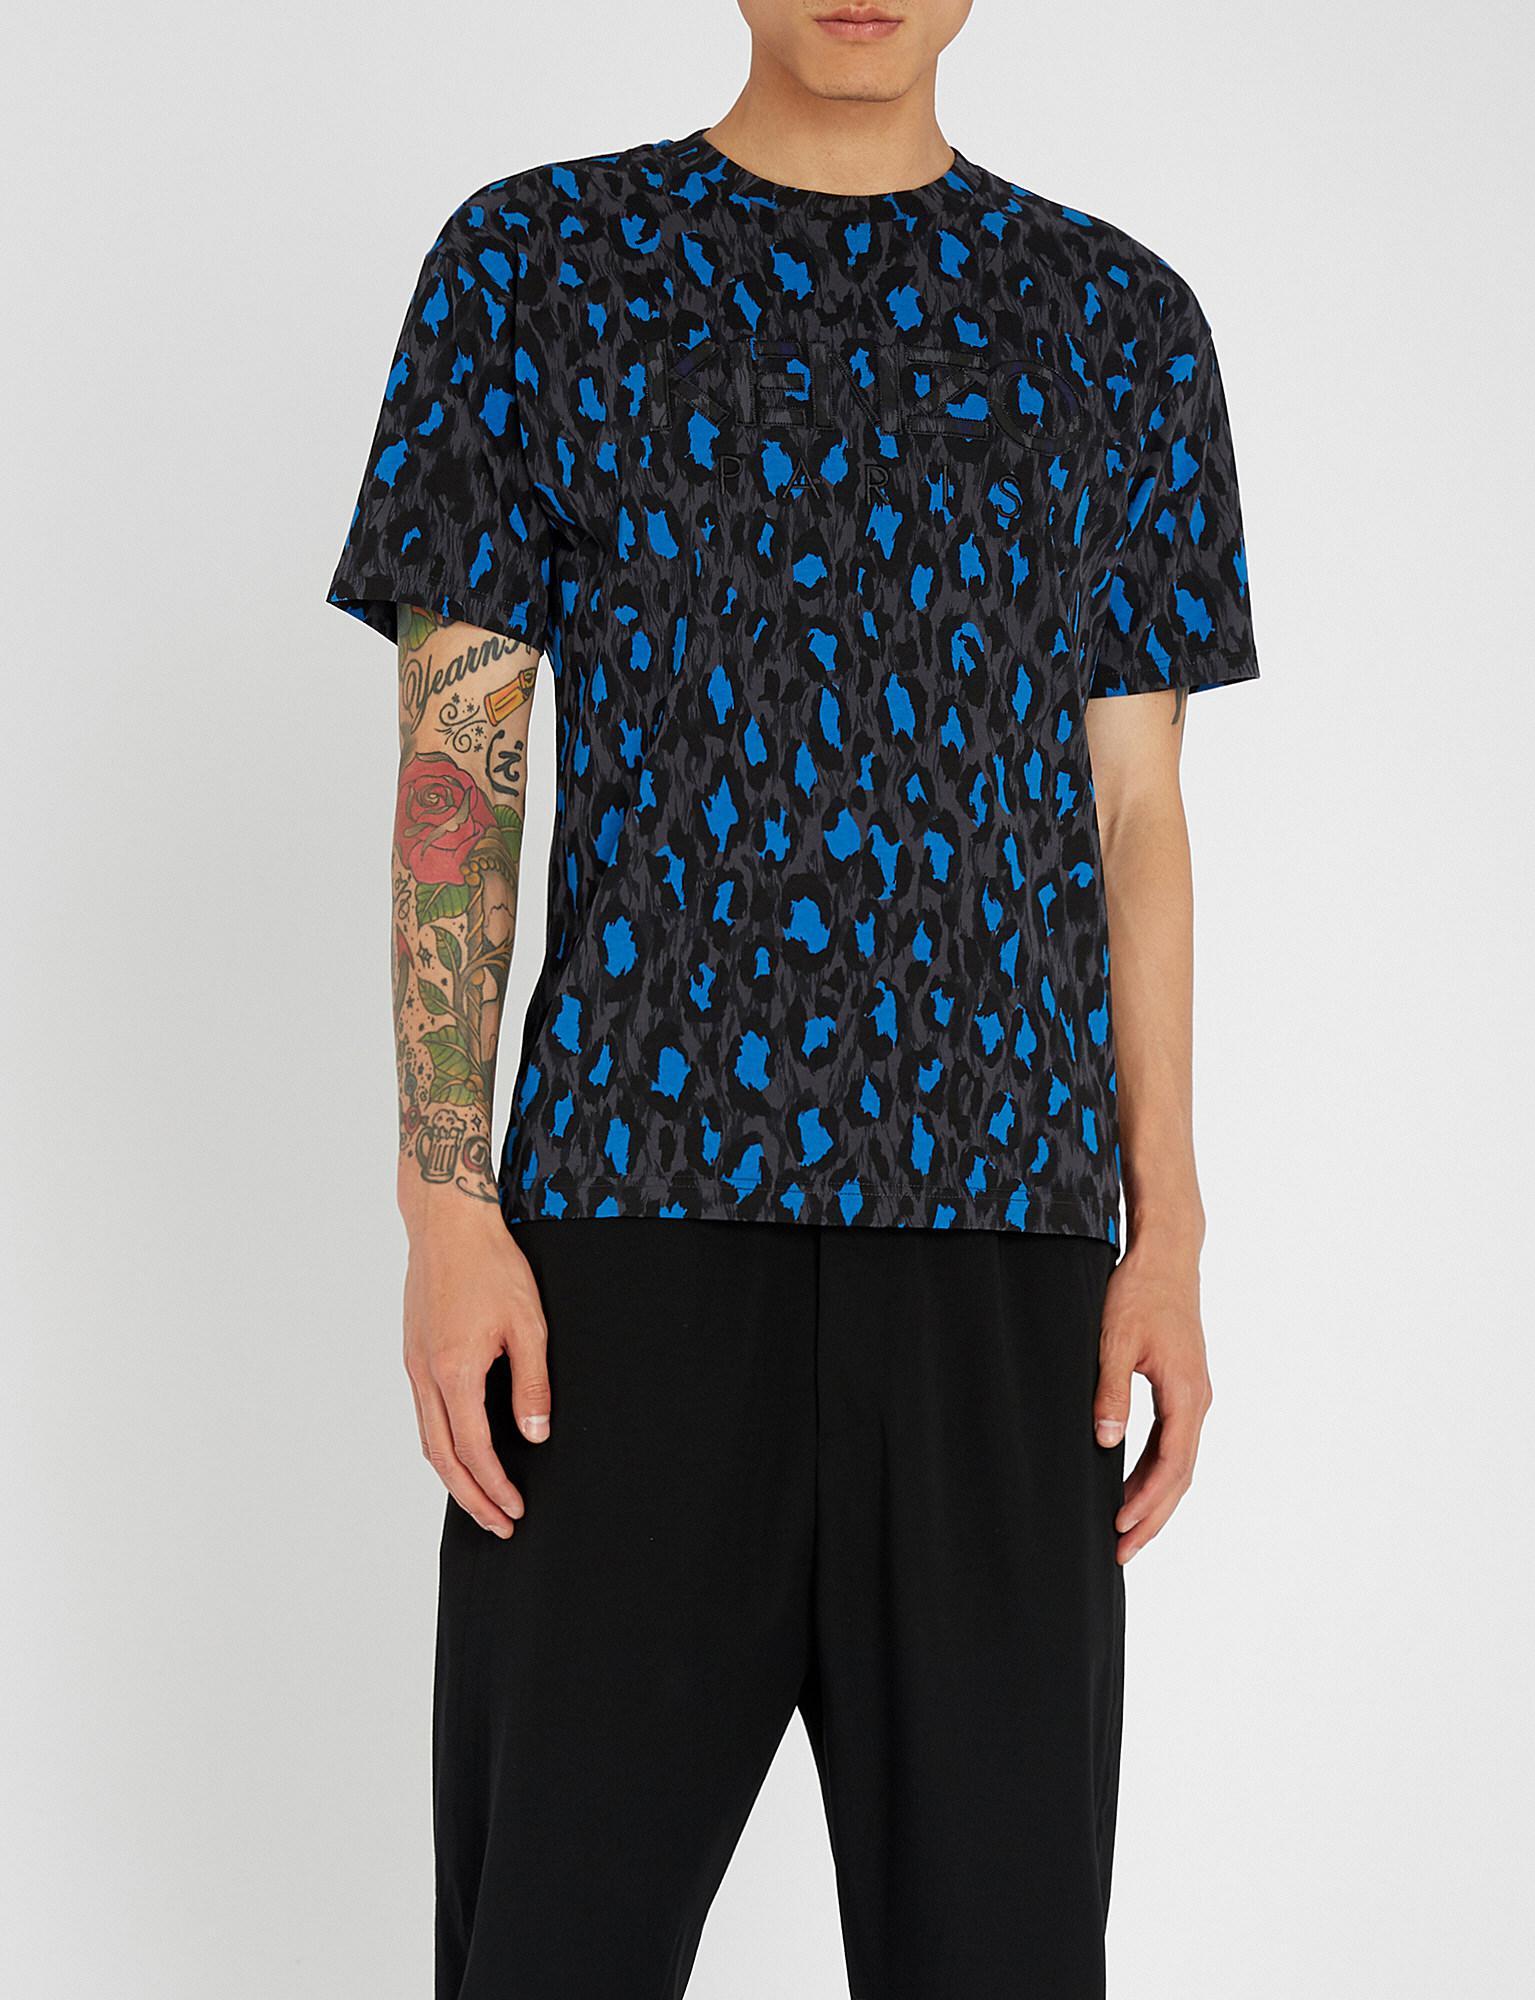 b67b8de9121e KENZO Straight Leo Print T-shirt in Blue for Men - Lyst